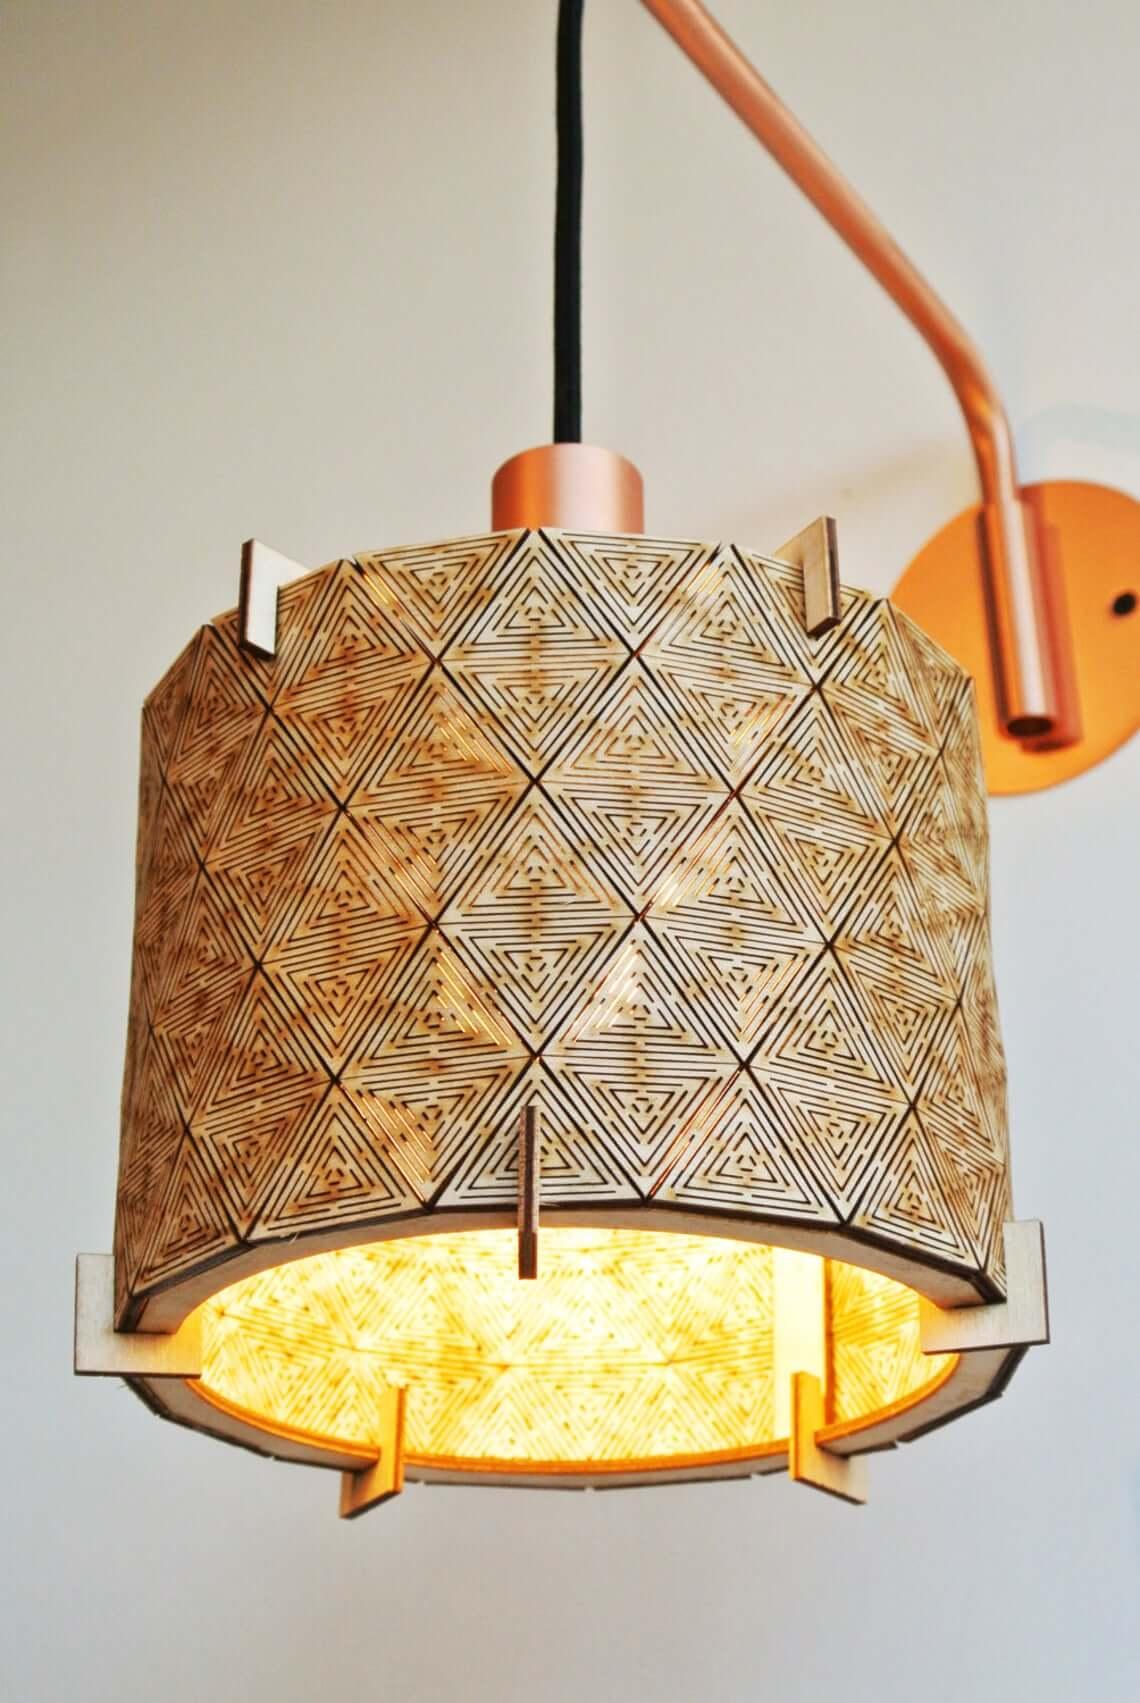 Geometric Laser Cut Lamp Shade